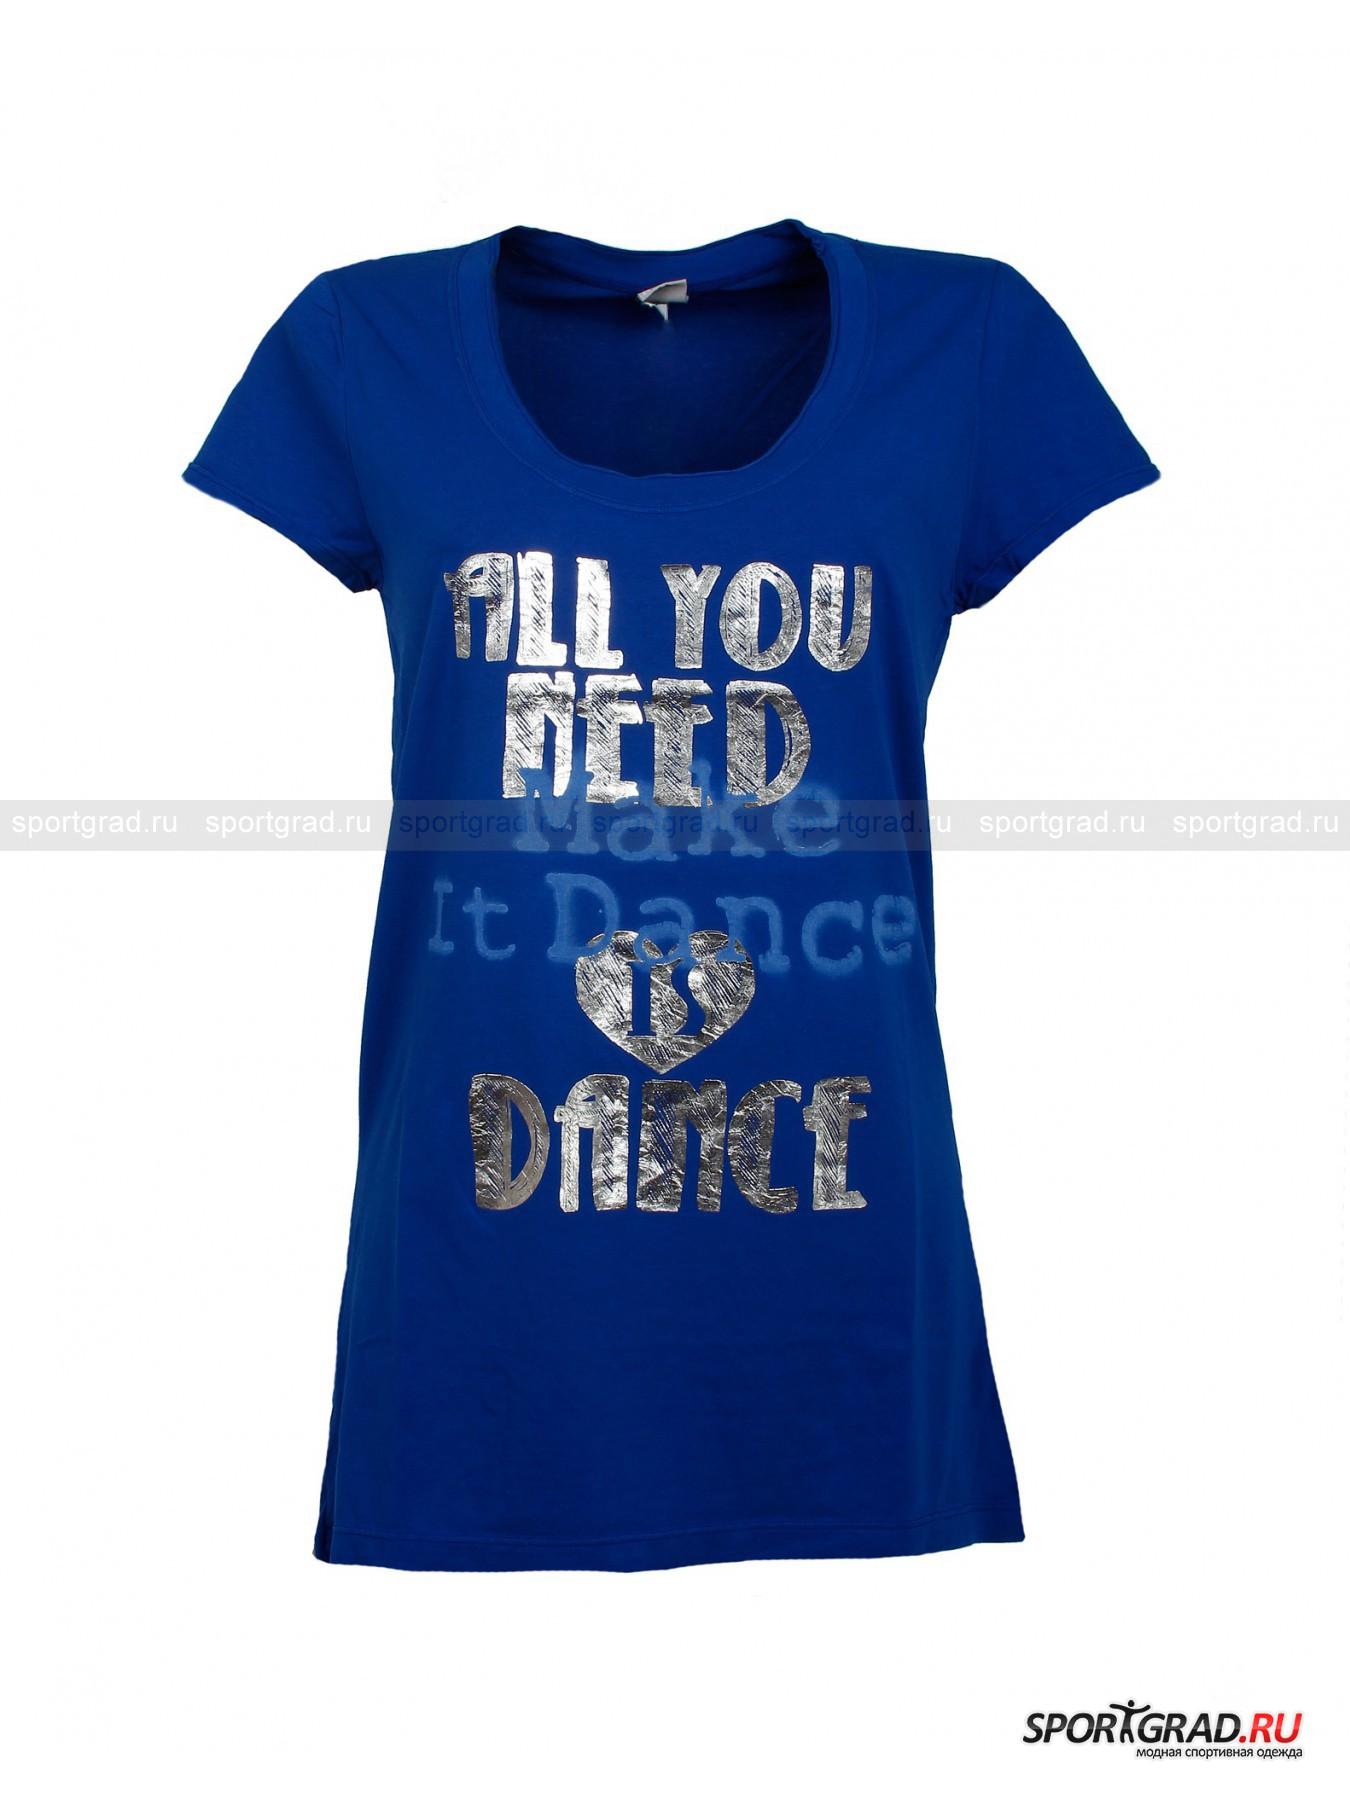 Футболка женская удлиненная Long T-shirt DEHA от Спортград